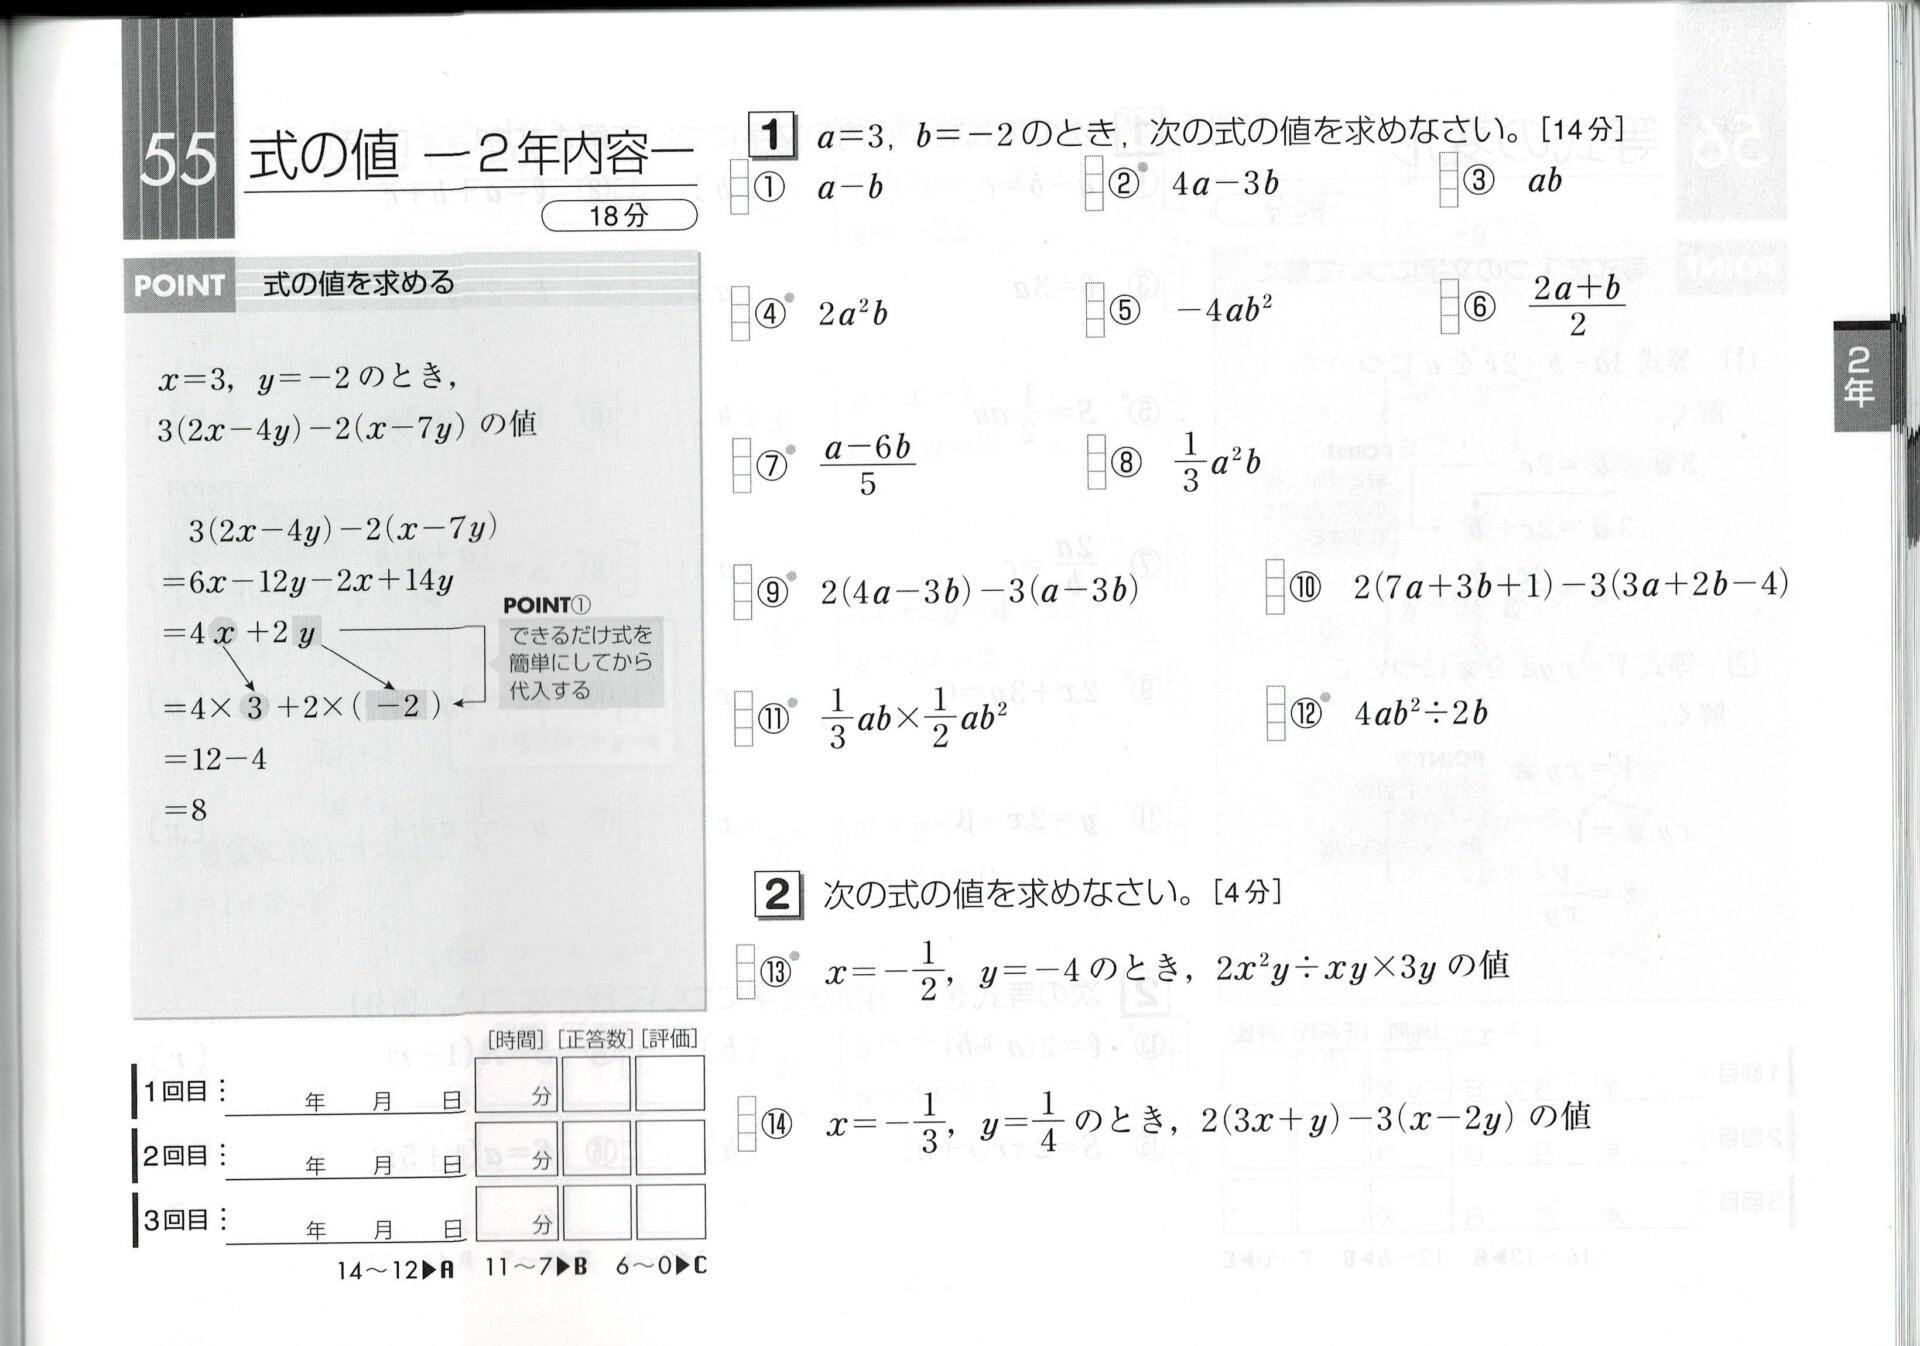 制限時間の設定された数学ドリル